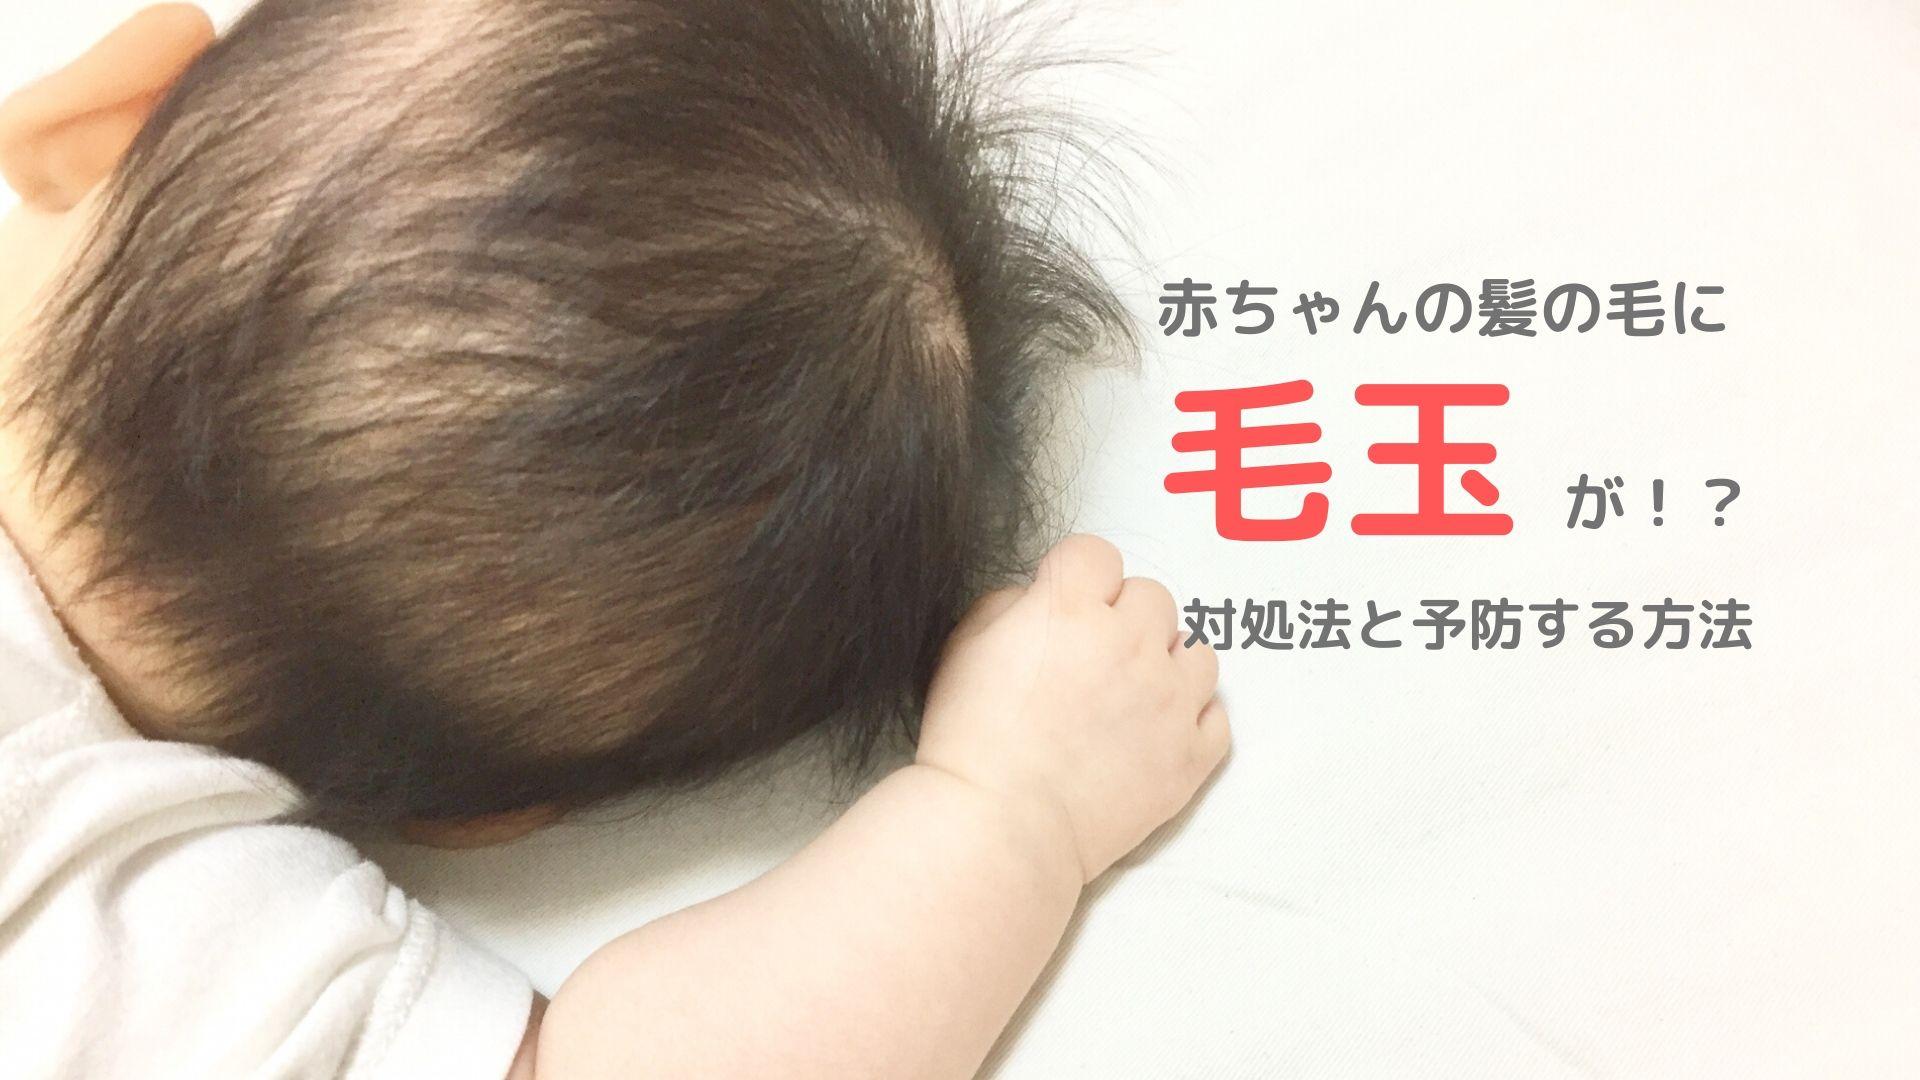 赤ちゃんの髪の毛に毛玉が!?対処法と予防する方法